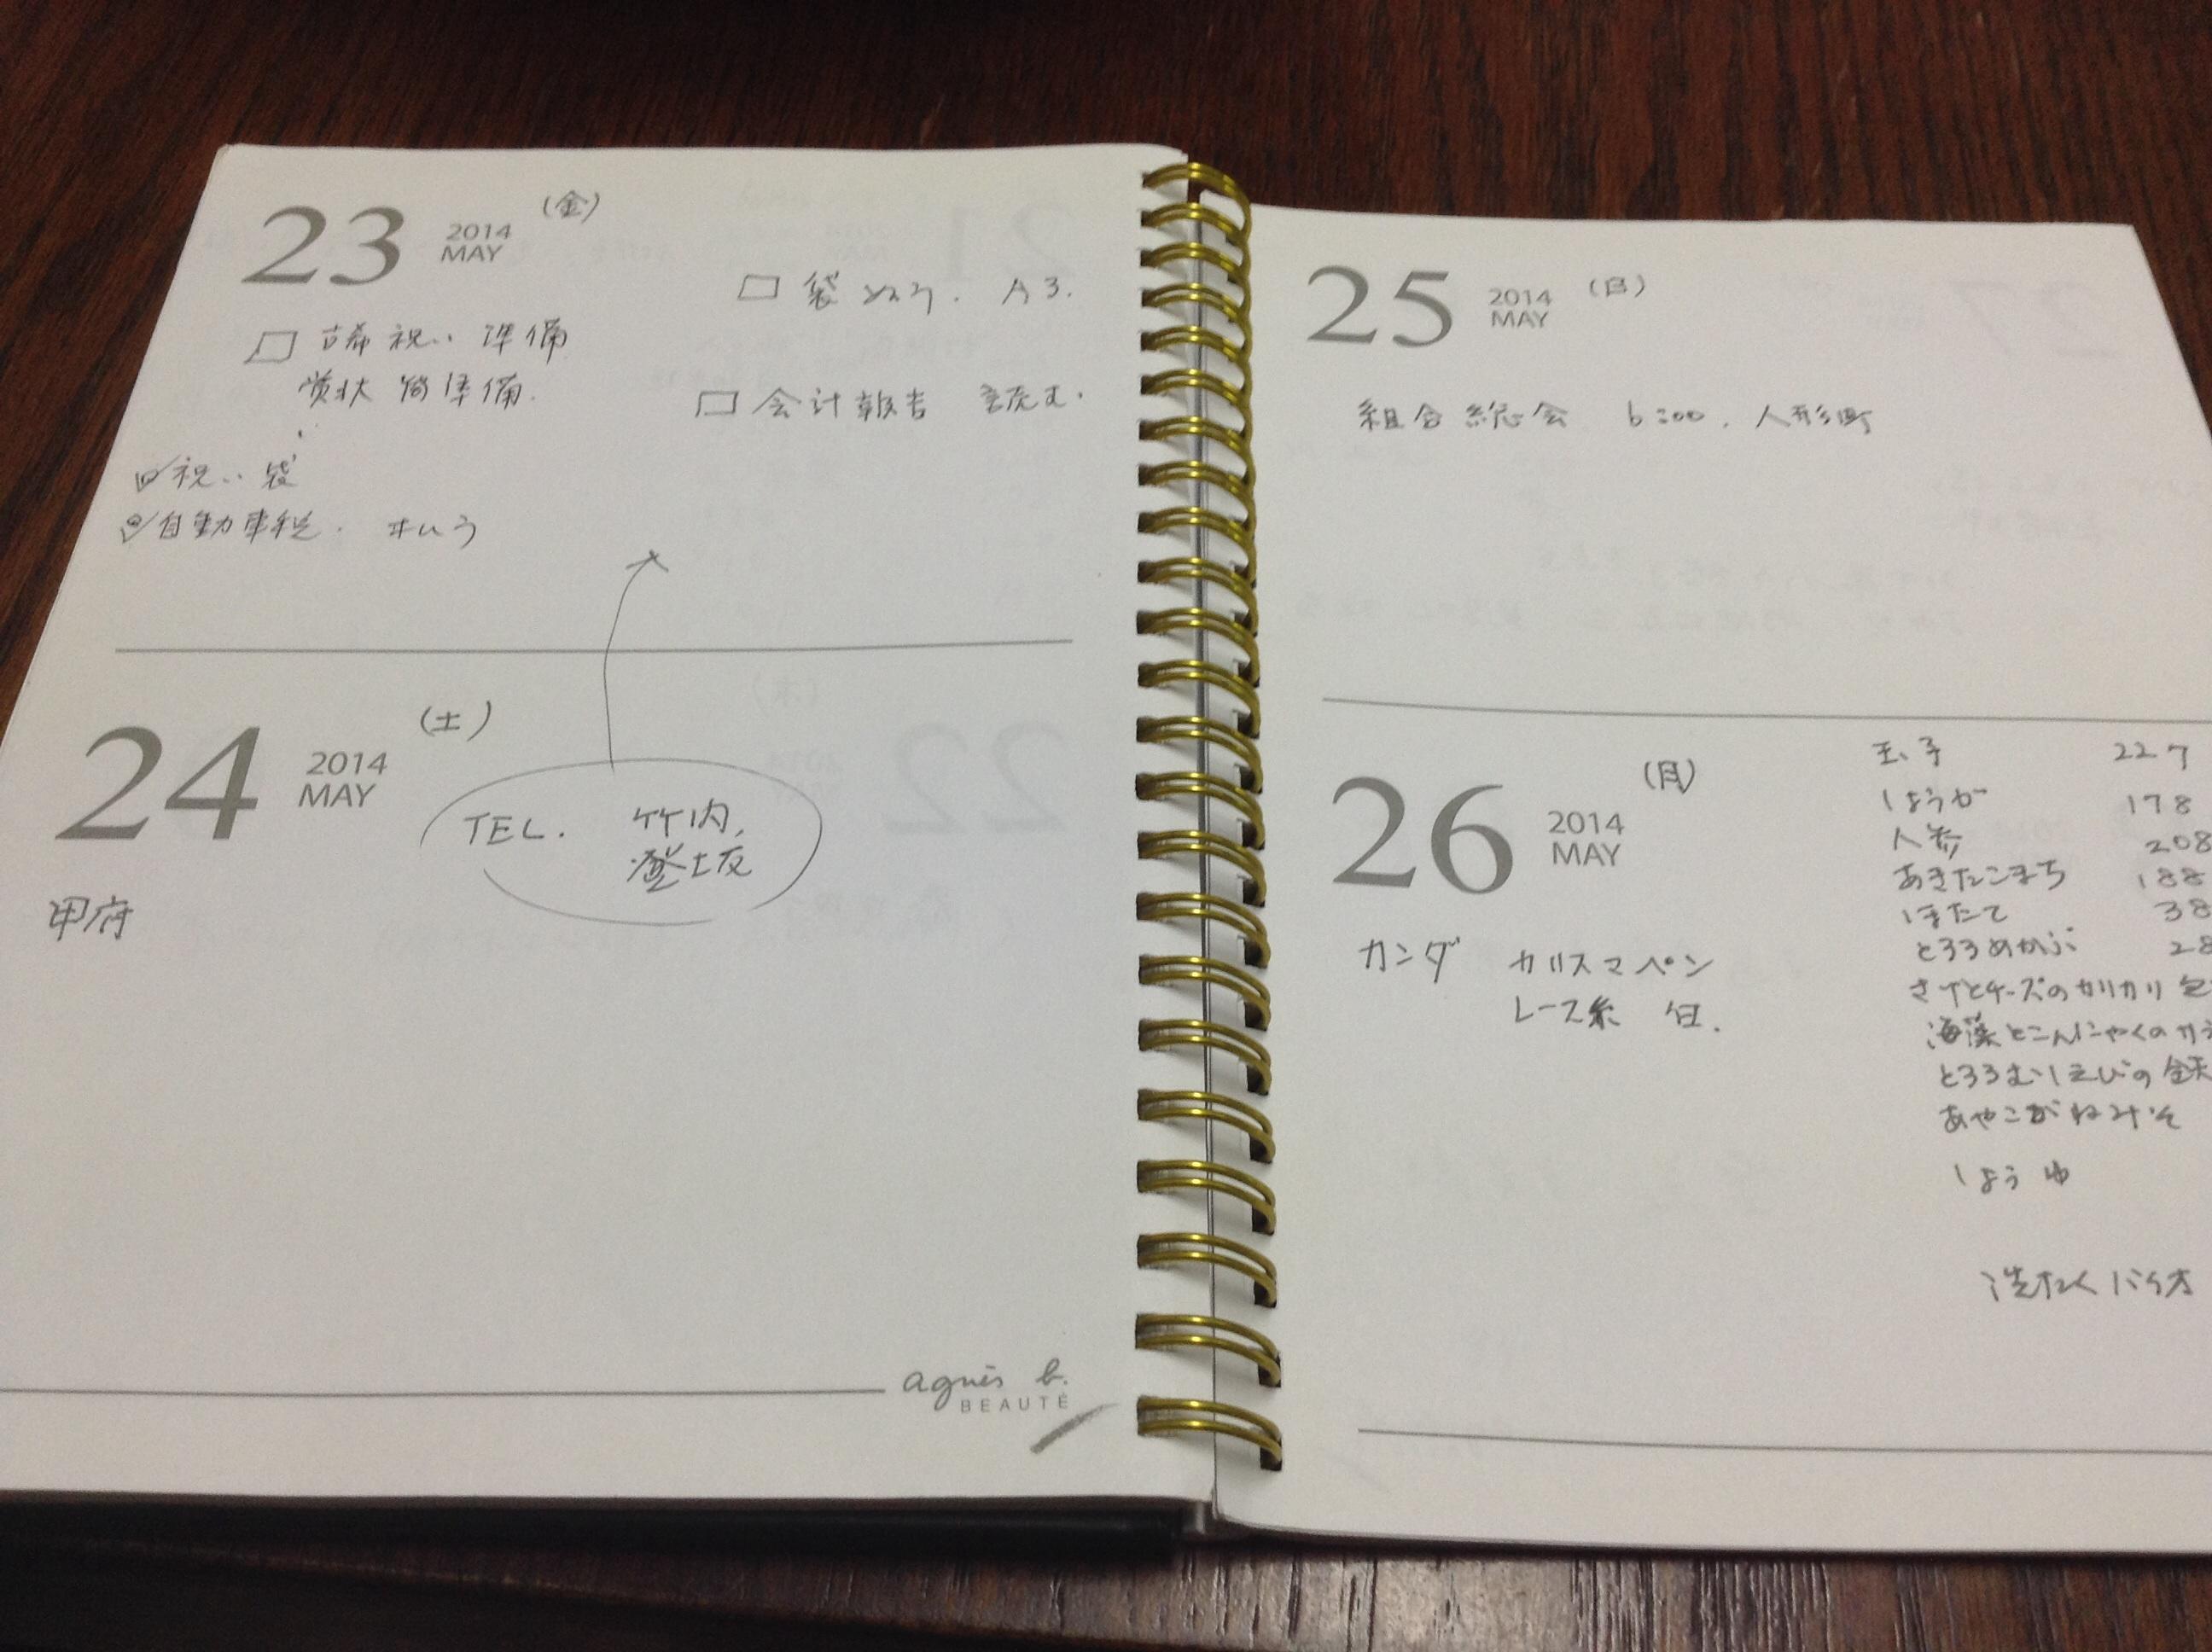 moblog_76dae671.jpg